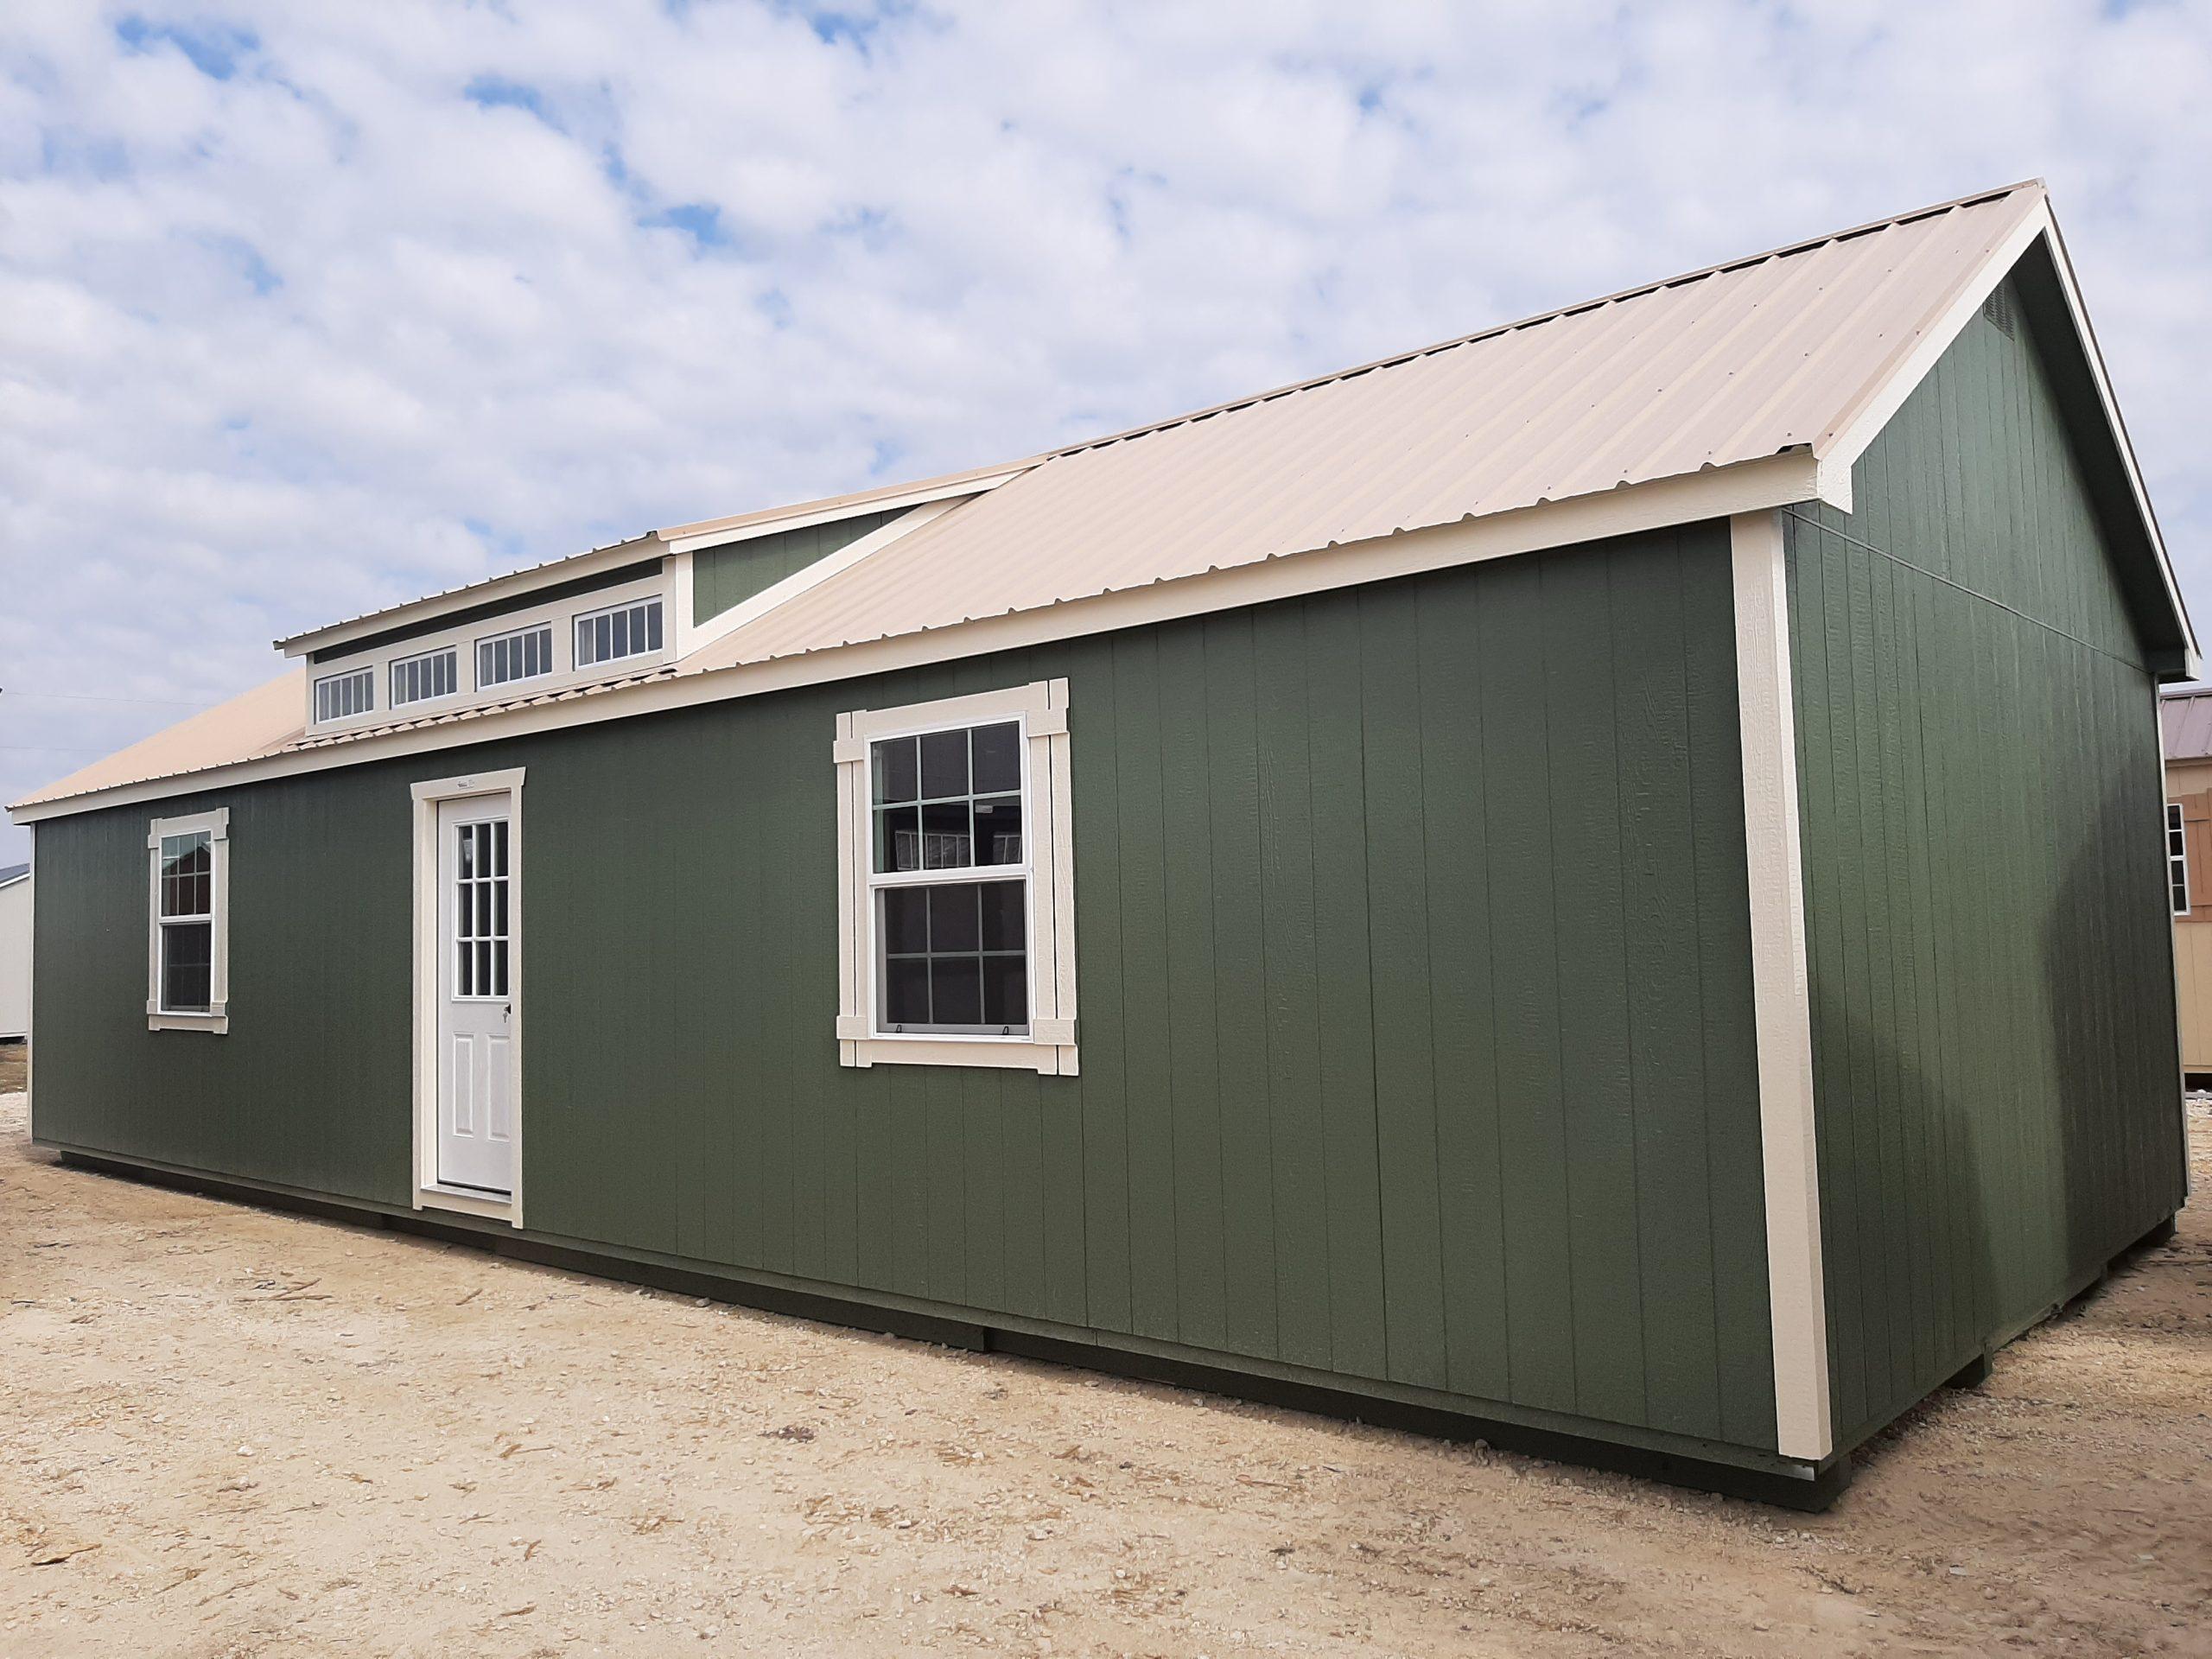 16x44 Dormer Cabin Image